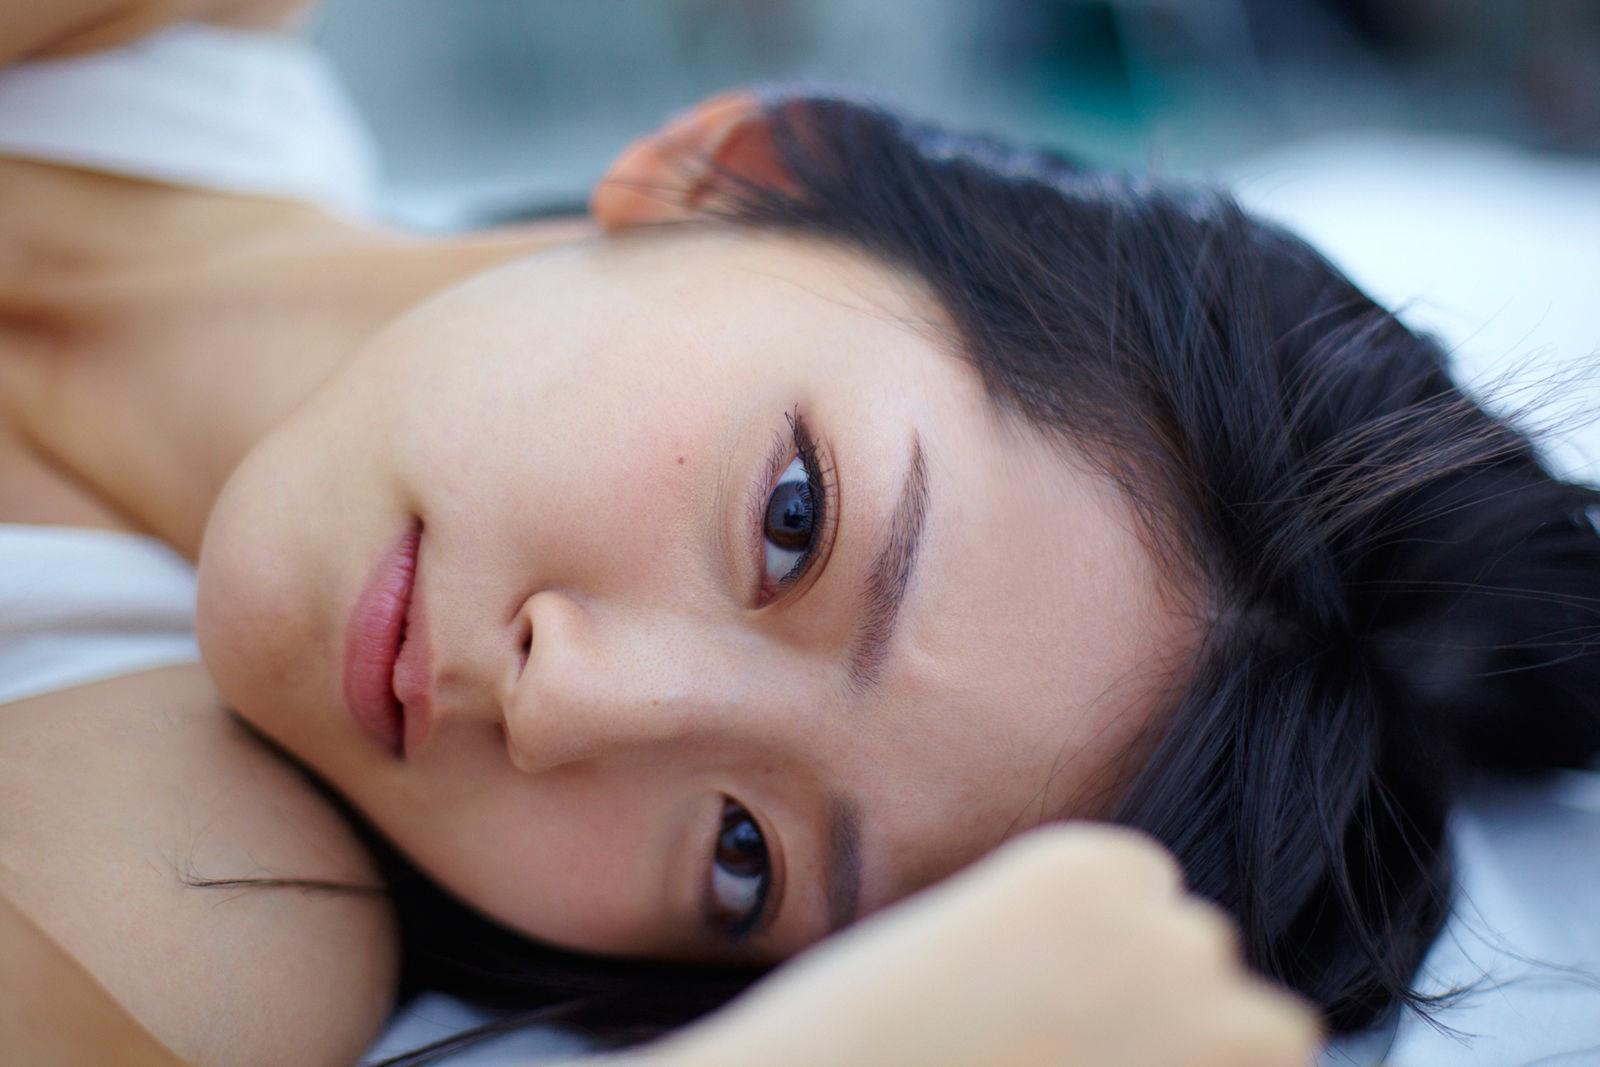 鈴木愛理(℃-ute) セクシー画像 65